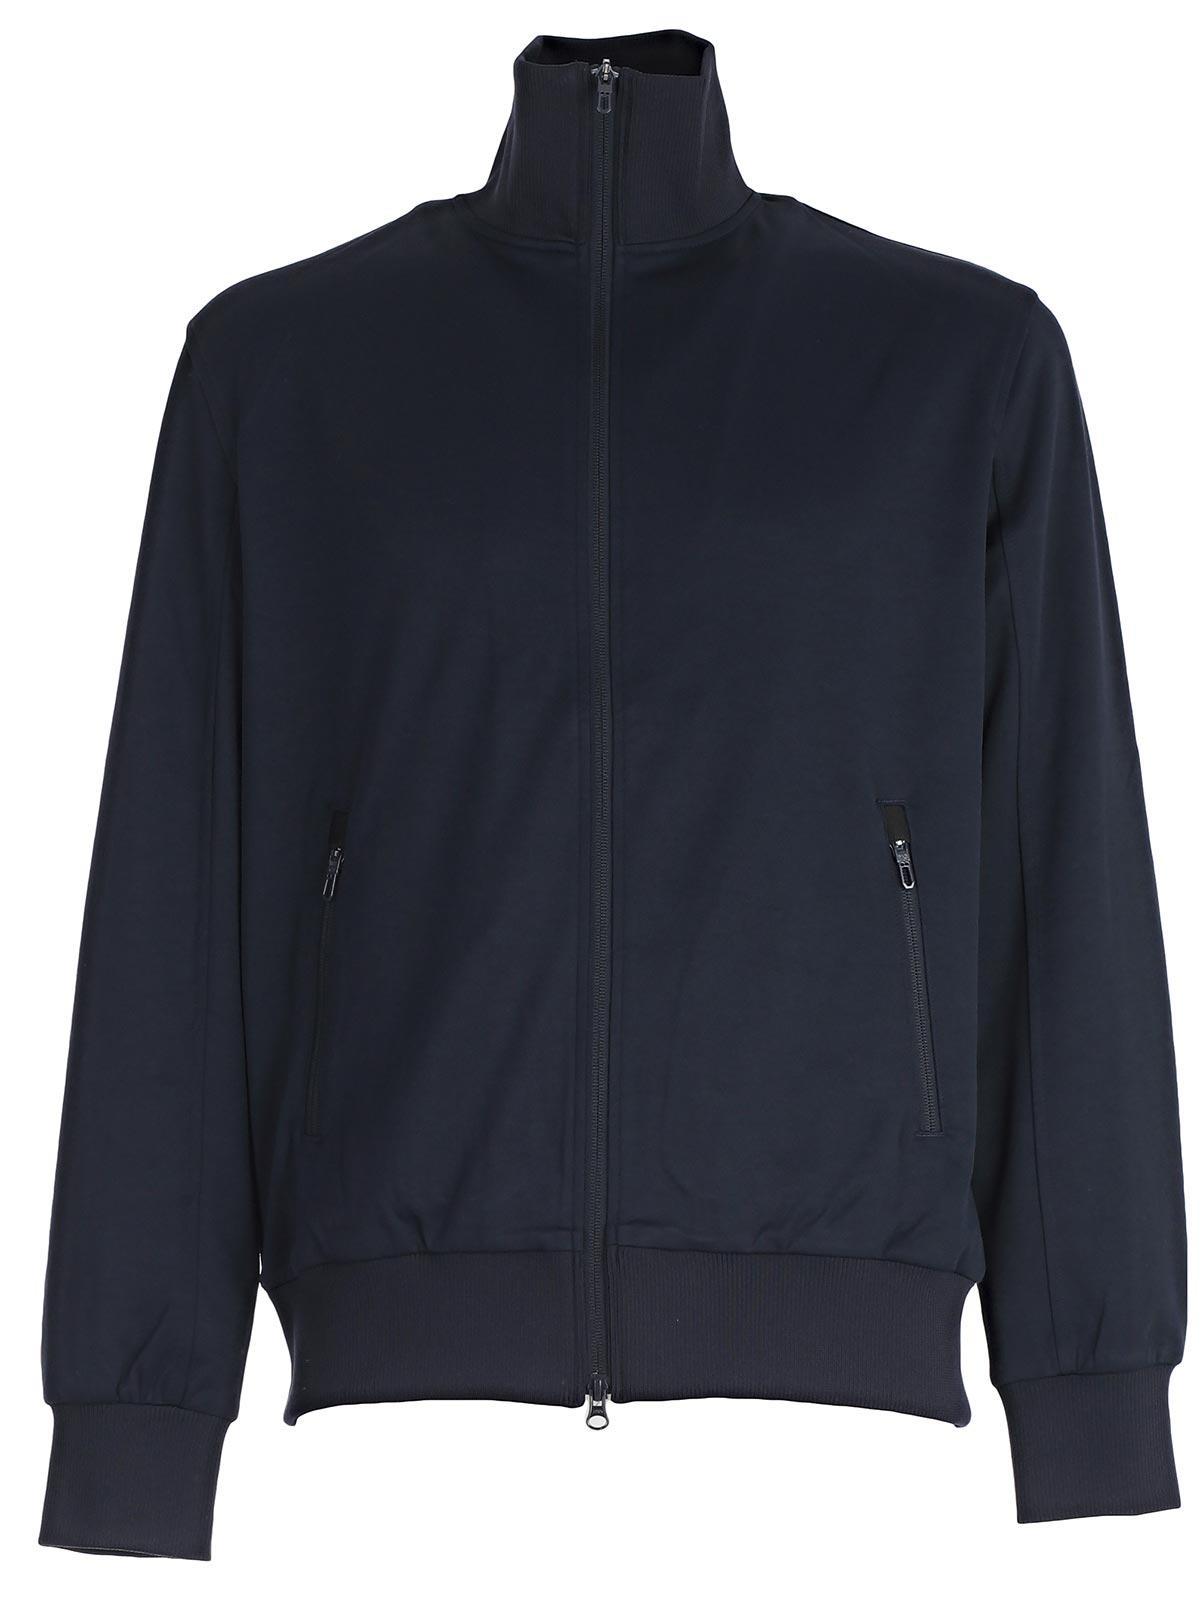 Picture of Y-3 Yohji Yamamoto Adidas  Jacket